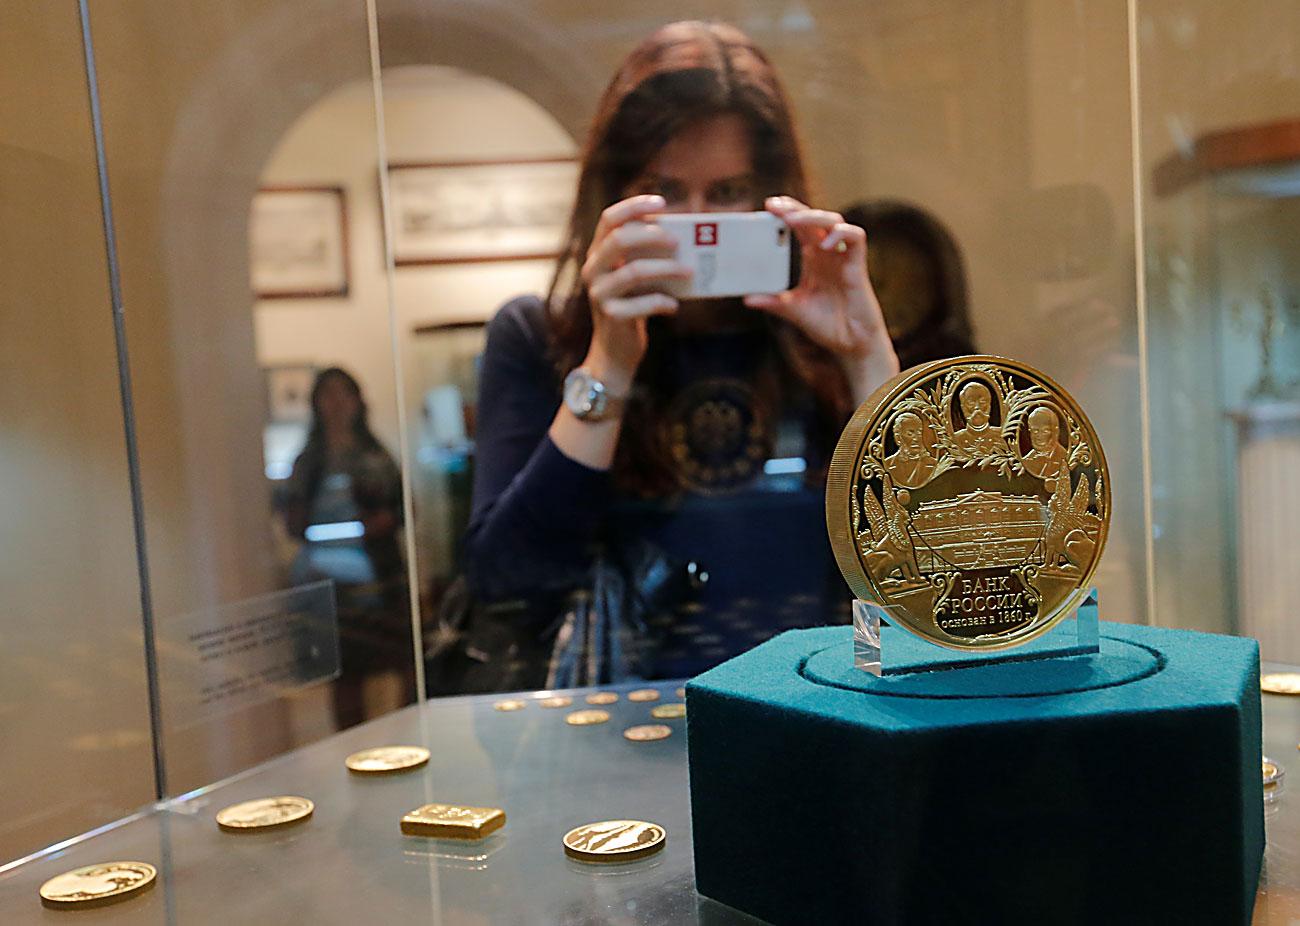 Посетител ја фотографира комеморативната монета на руска рубља од колекцијата на музејскиот и изложбен фонд во седиштетото на Централната банка во Москва, Русија.